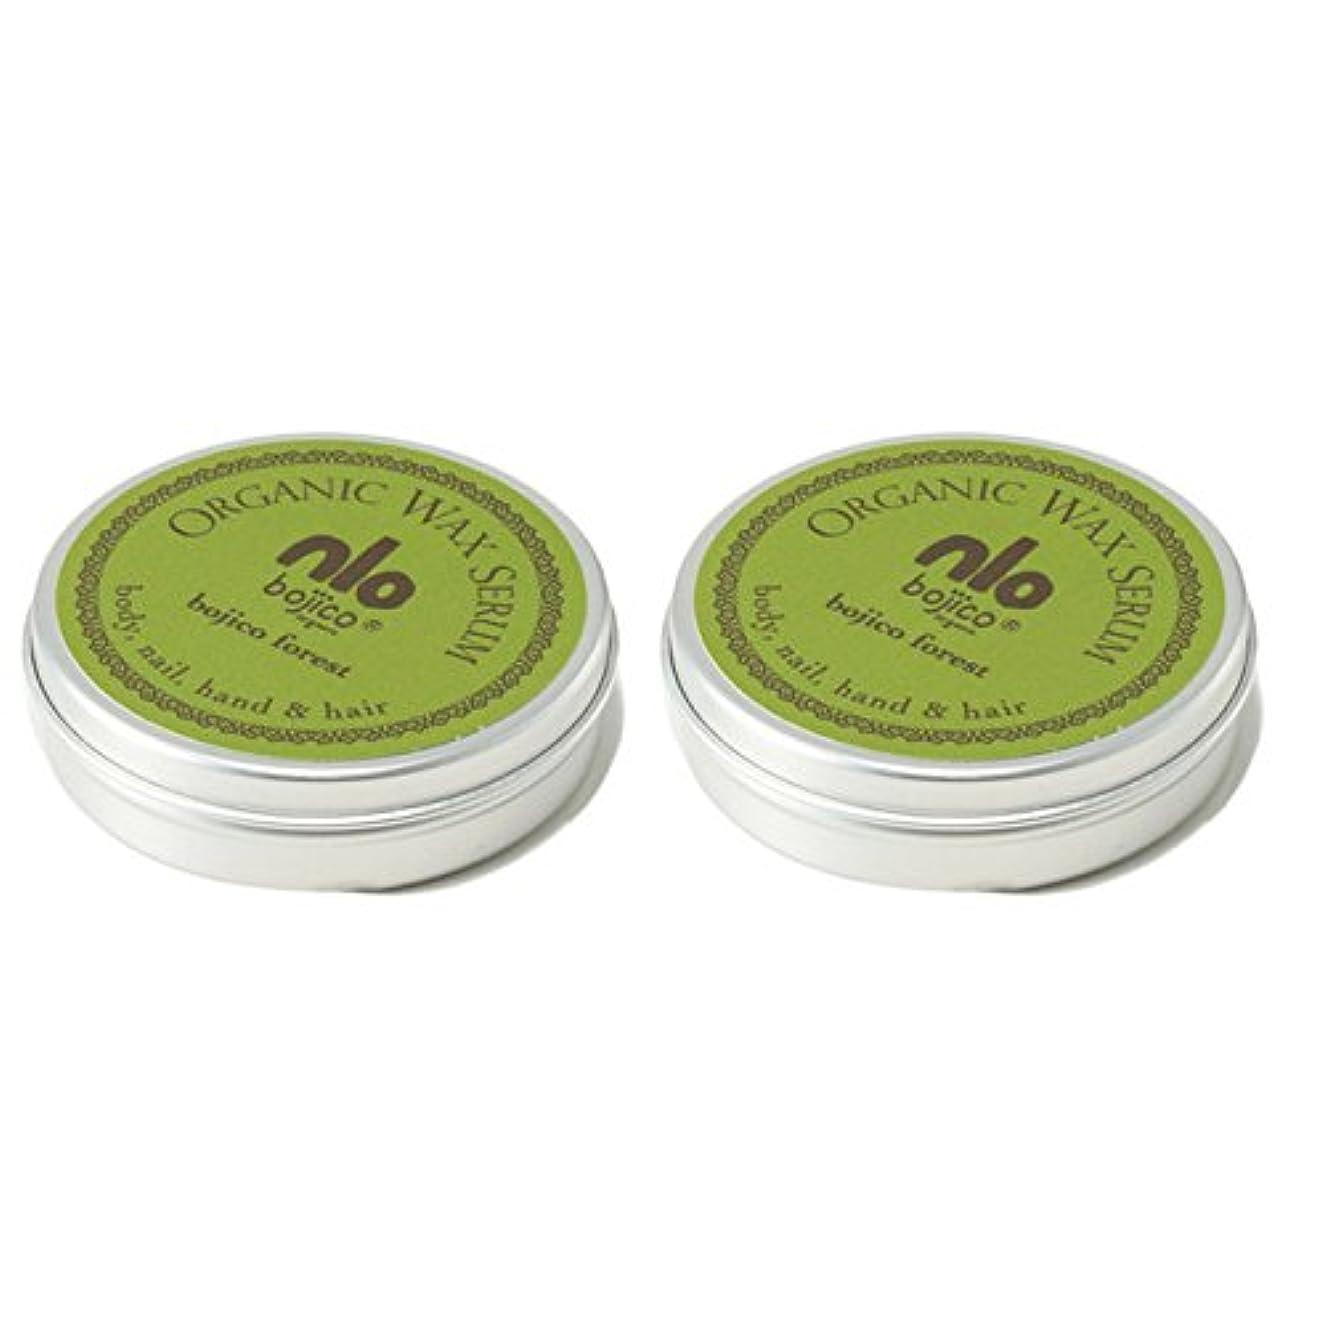 同封するヒール反論者【40g×2個セット】 ボジコ オーガニック ワックス セラム <フォレスト> bojico Organic Wax Serum 40g×2